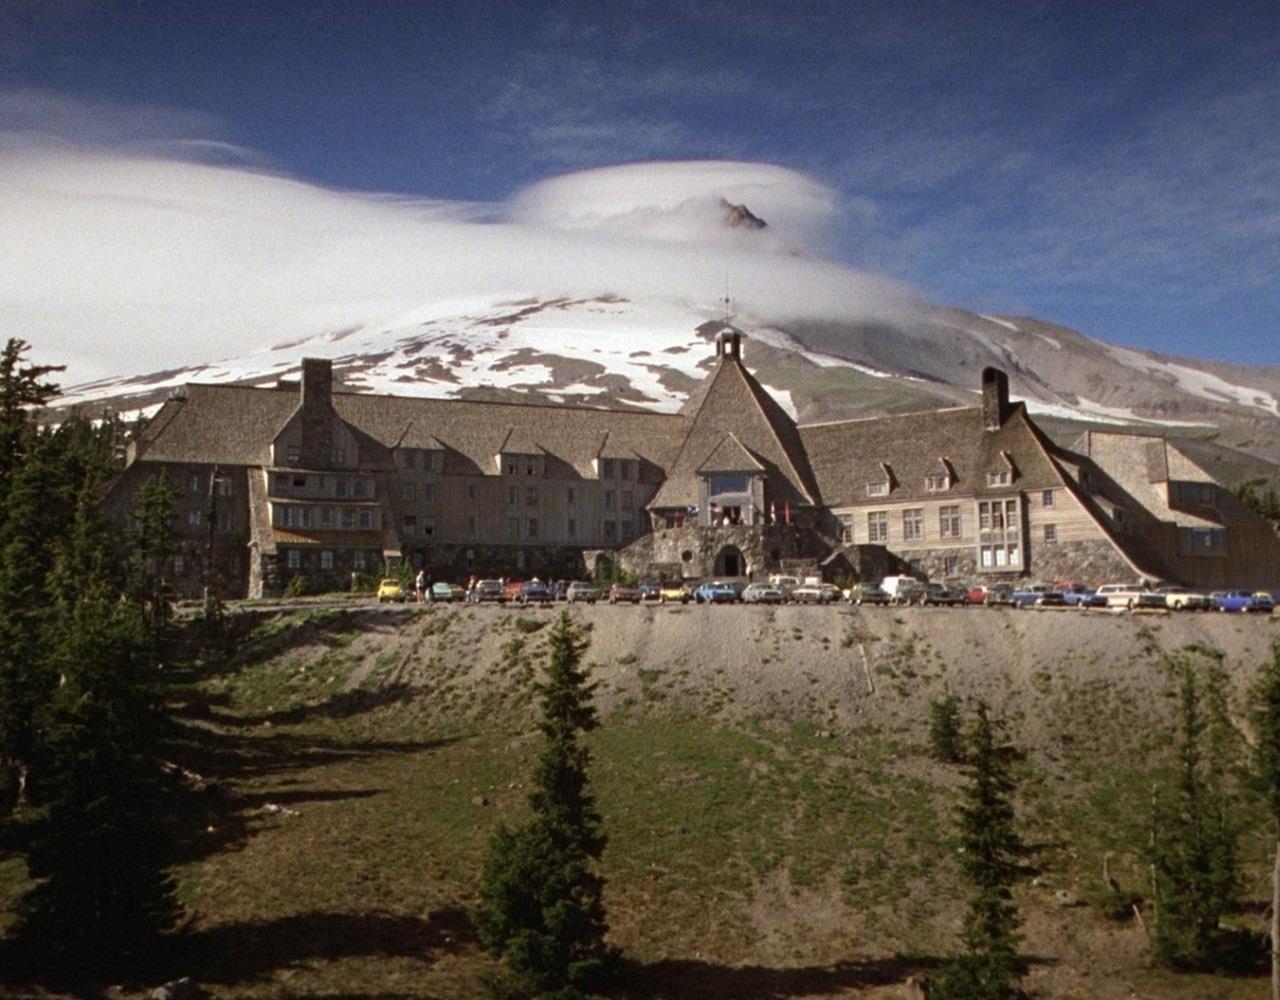 L'Hotel di Shining è il simbolo del cinema horror ambientato negli alberghi